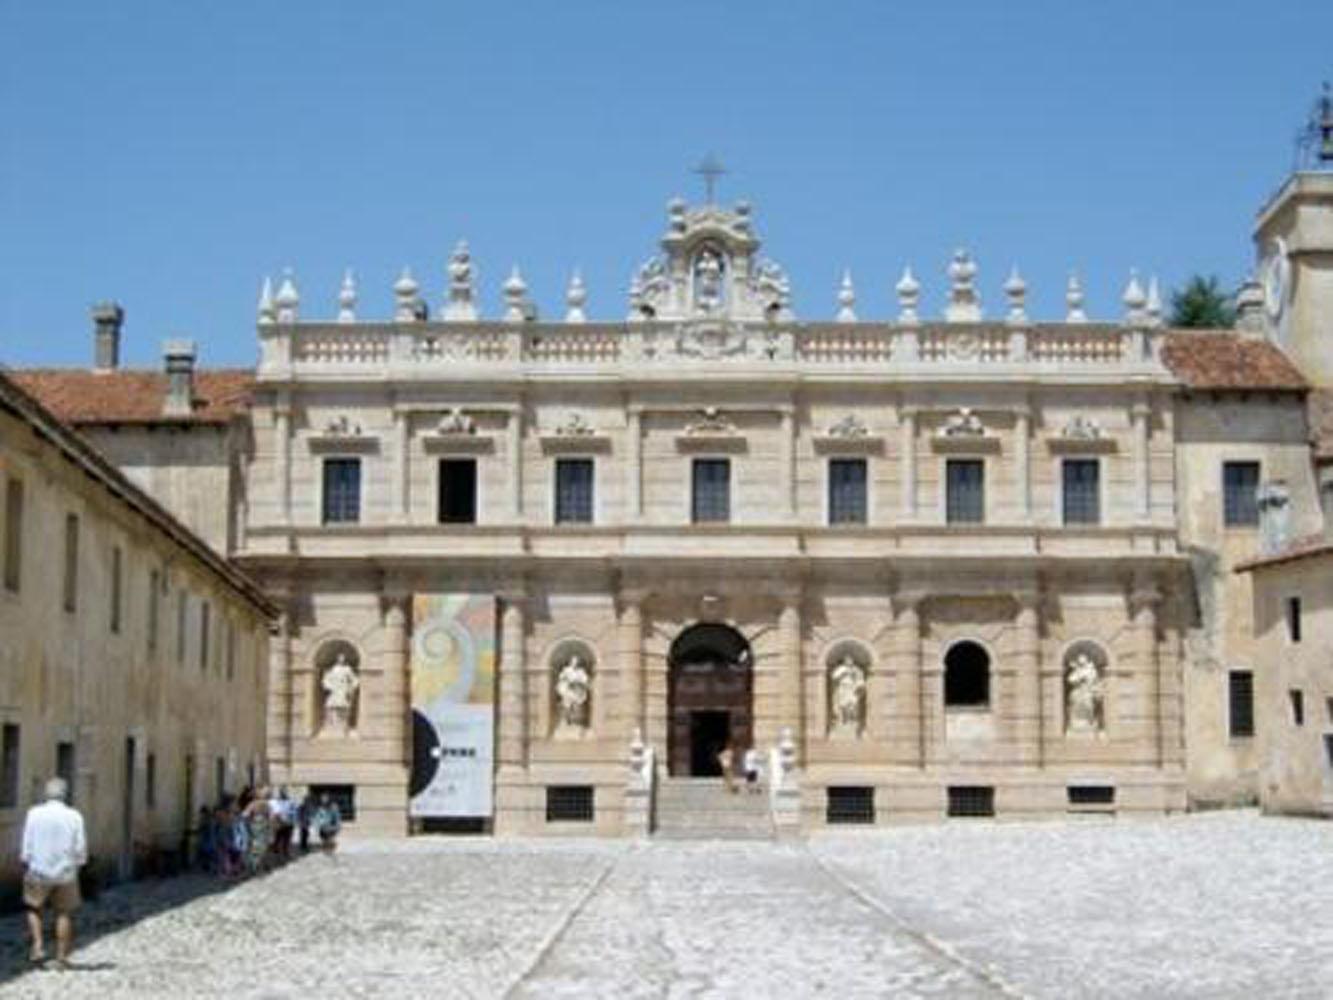 Padula – Certosa di San Lorenzo – Restauro – La Certosa di San Lorenzo in Padula: interventi di restauro e di fruizione innovativa per la valorizzazione del sito UNESCO e per uno sviluppo sostenibile del territorio di riferimento